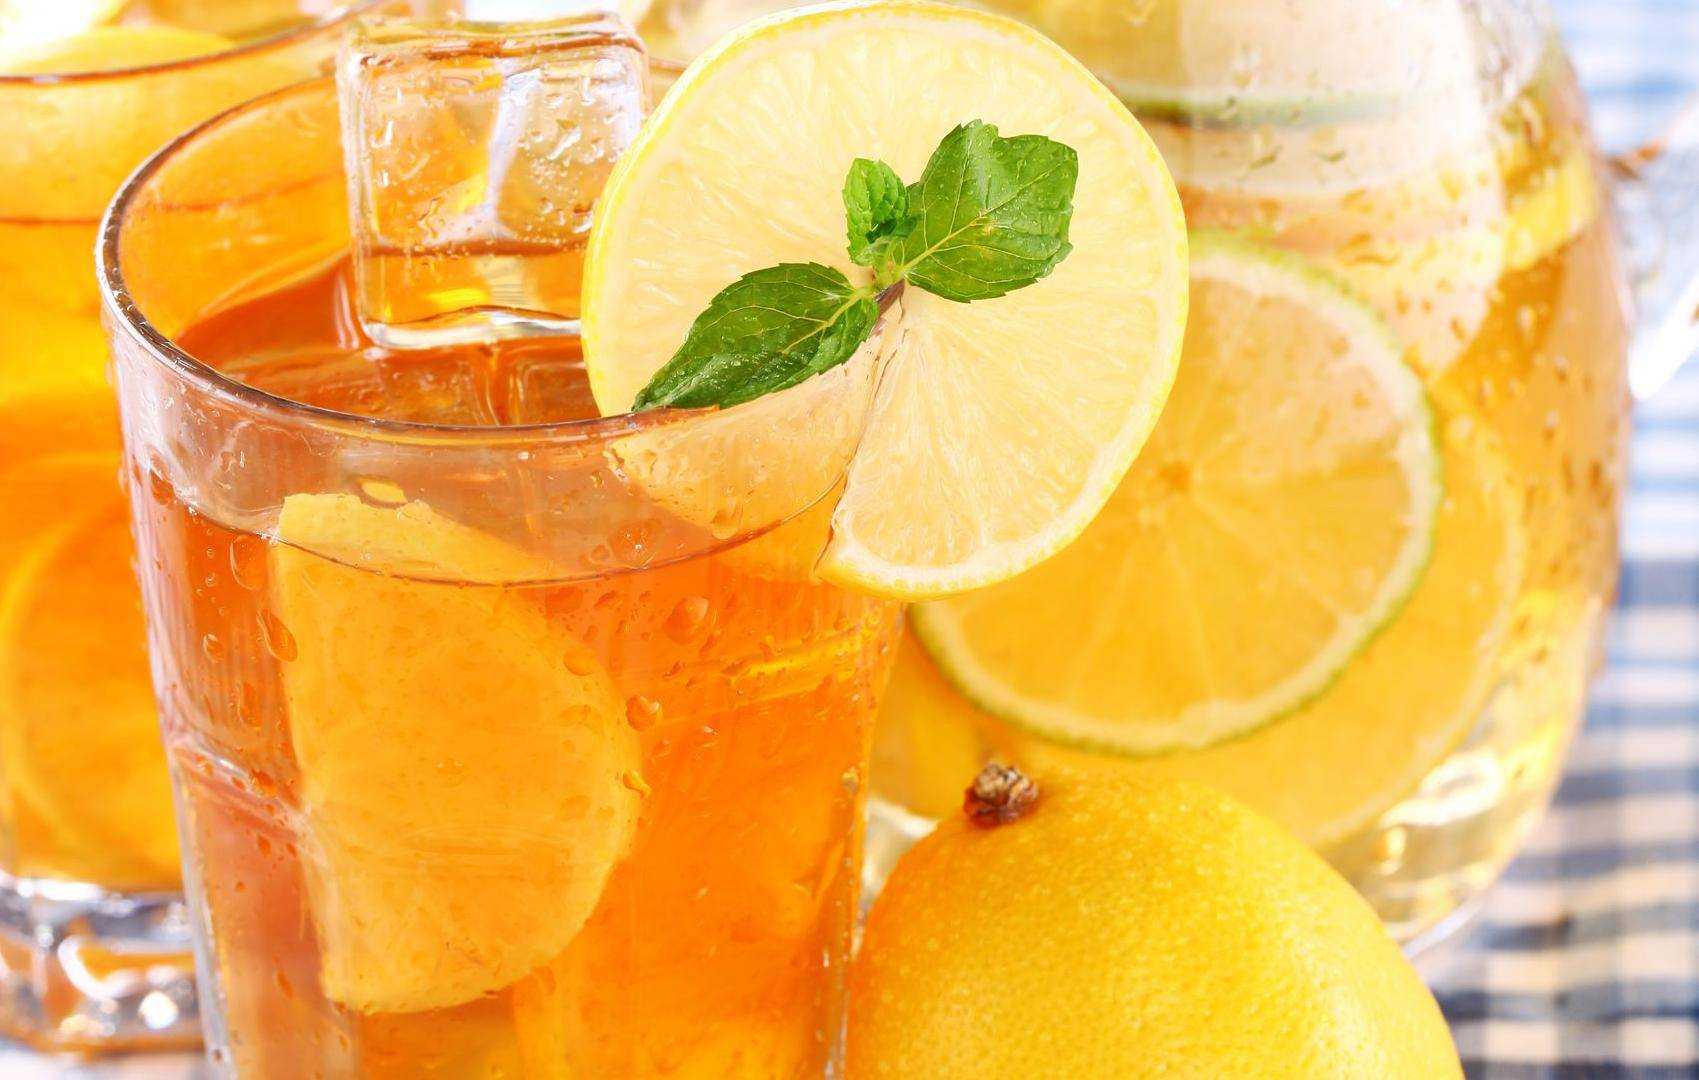 Kako napraviti doma savršen ledeni čaj? Jednostavno je, a idealno osvježava preko ljeta